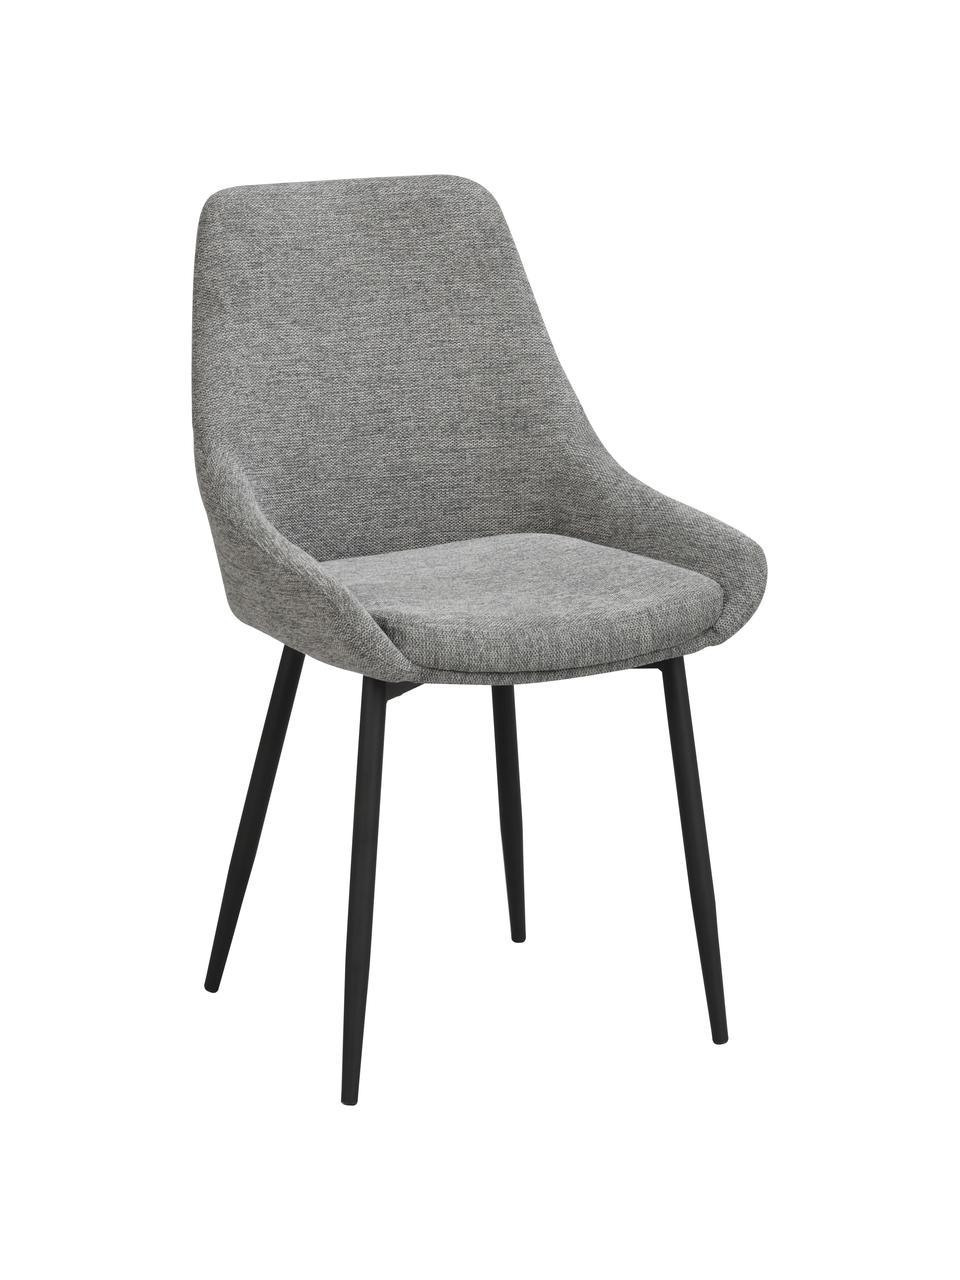 Gestoffeerde stoelen Sierra in grijs, 2 stuks, Bekleding: 100% polyester, Poten: gepoedercoat metaal, Geweven stof grijs, 49 x 55 cm